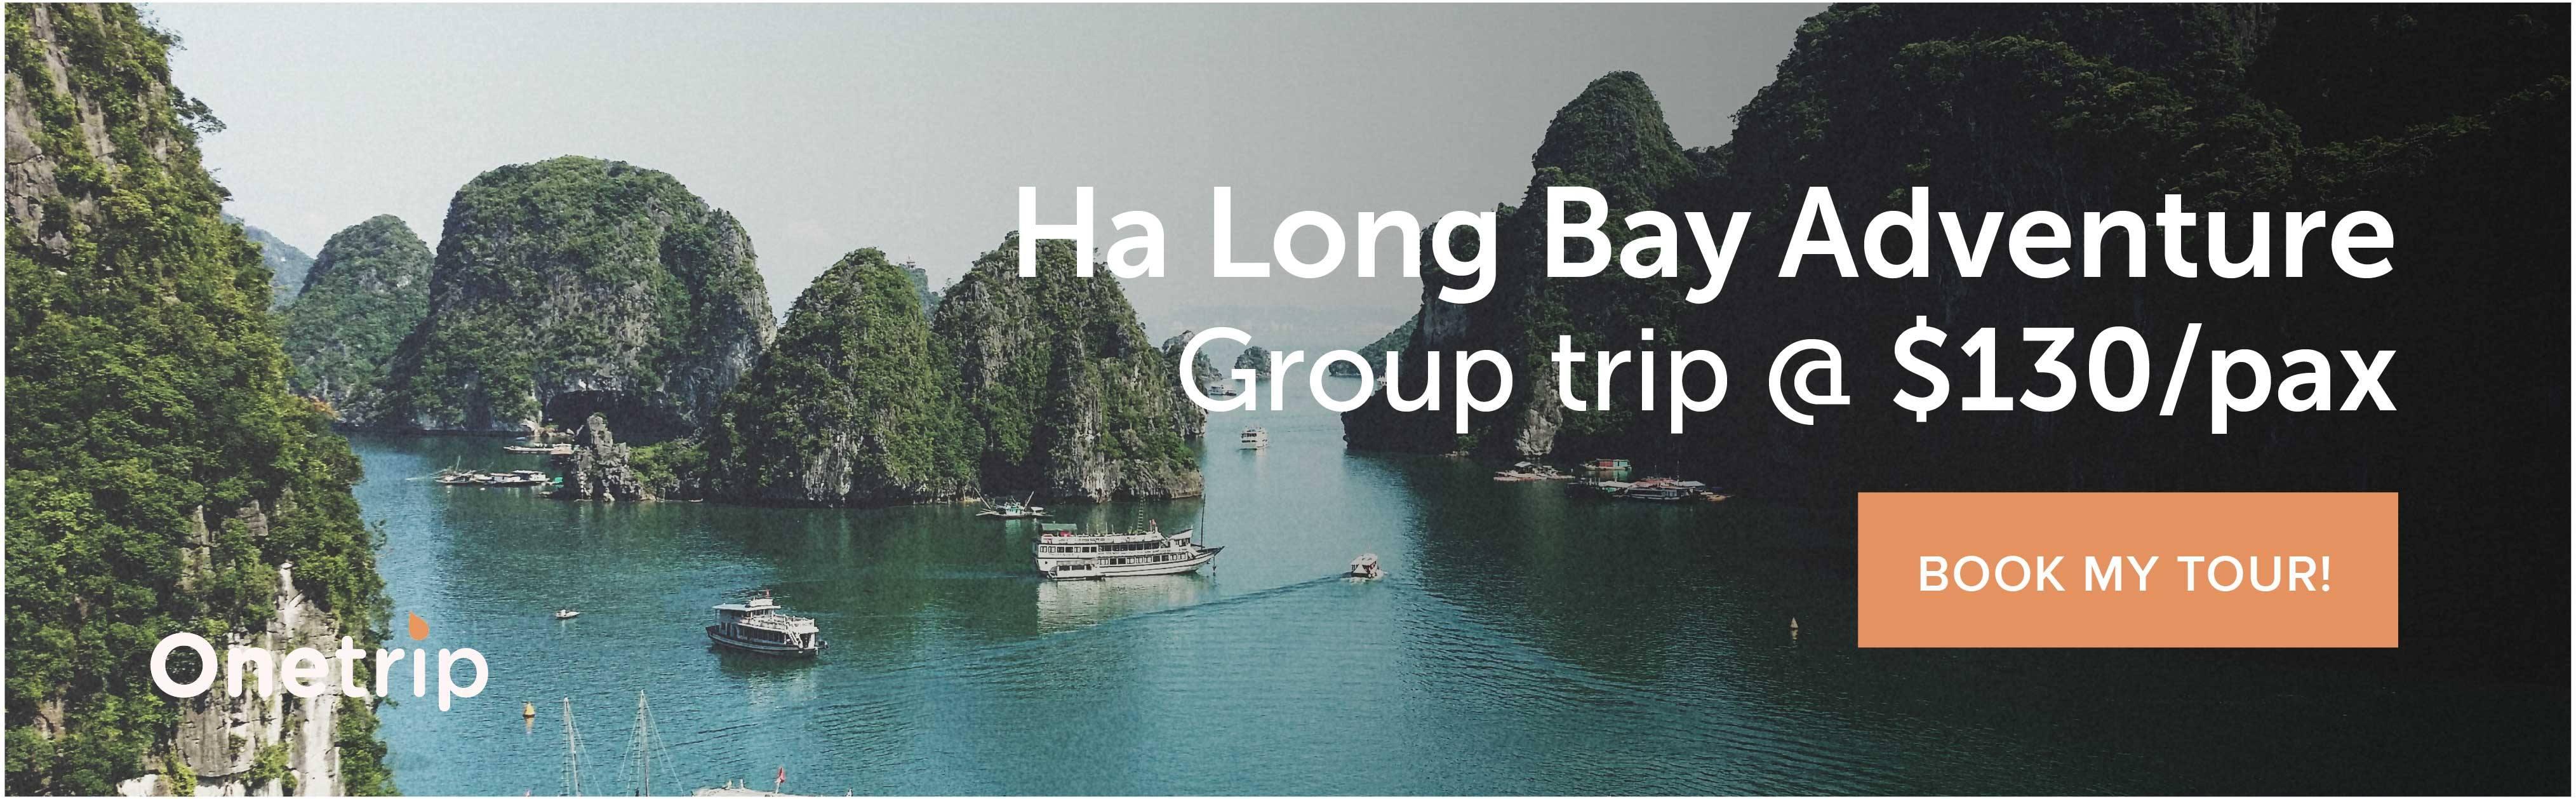 Ha Long Bay Tour